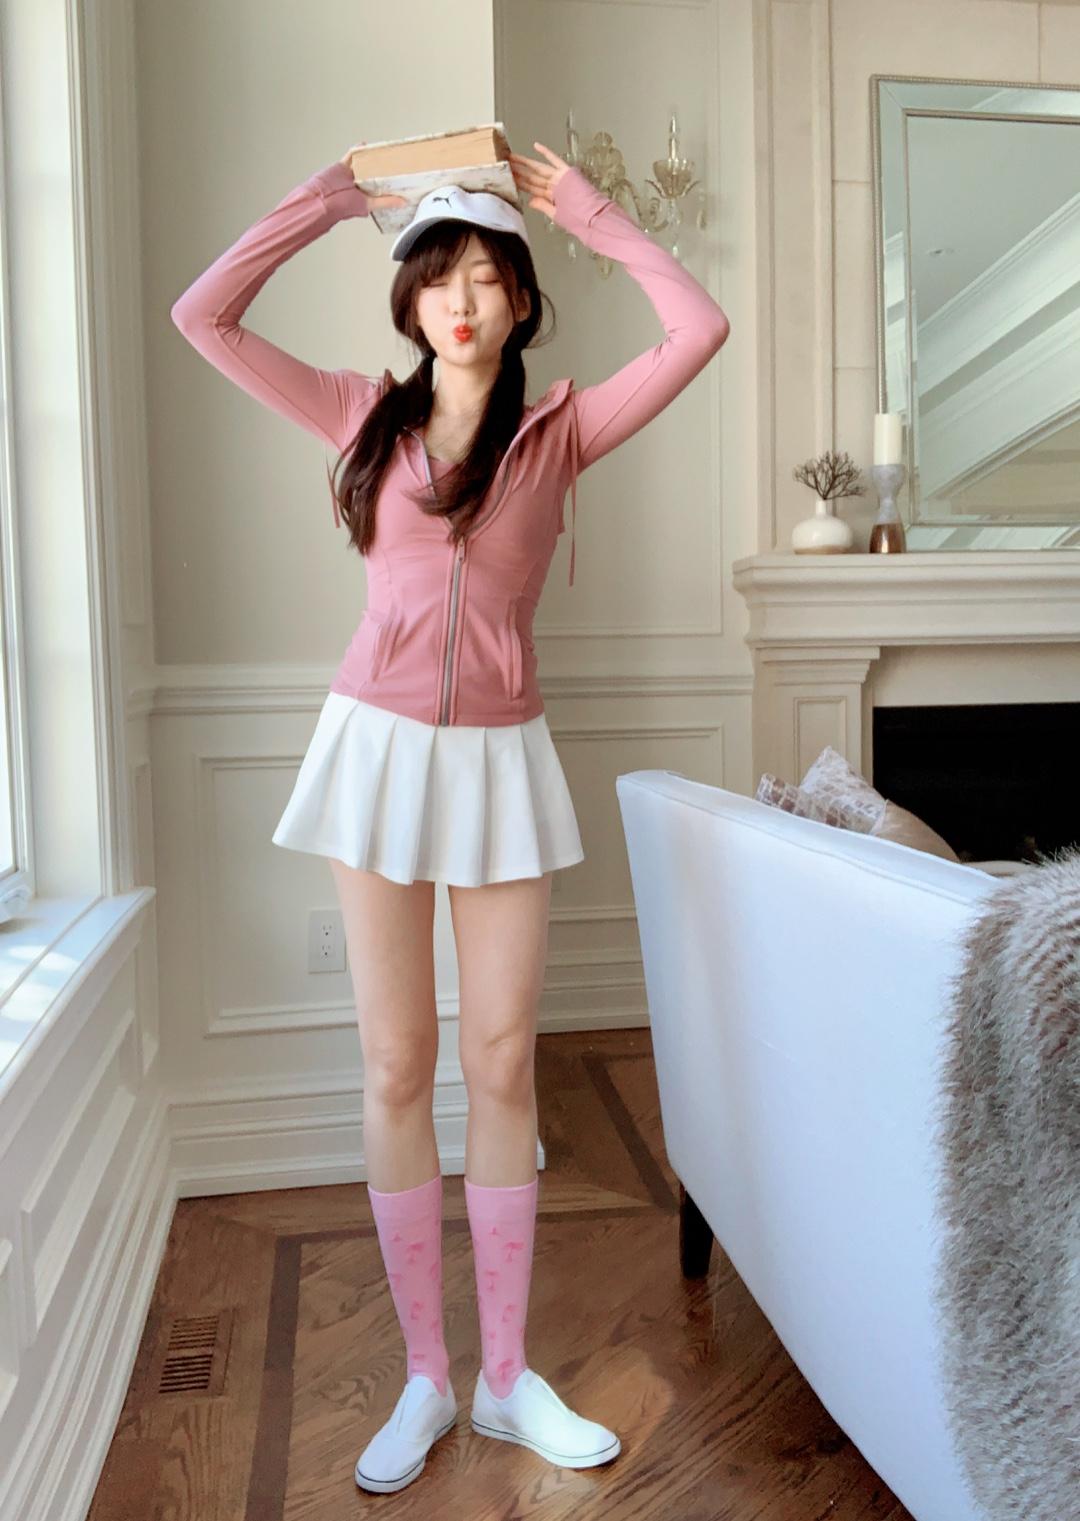 #短外套+裙装=显高显美!# Lululemon粉色少女look: 最近逛Lululemon发现2019春季新款出了连帽rose pink运动裤衫,可以生热保暖的材质,最重要是比去年的裁剪短了5cm,更显腿长哦~ Top-Lululemon运动胸衣是我自己配的 不是一套哦 要单独买 但是很搭很显身材~ Bottom-因为粉色上衣不好配衣服 下半身我选择白色百褶裙 更添少女气息! Shoe-RRL鞋子是winners打折买的 不要太划算~! Hat-运动帽是puma去年版,也是在winners买的,only$19.9 折合人民币100¥左右 果然去名品打折店定期淘货是正确的选择~赚到了!